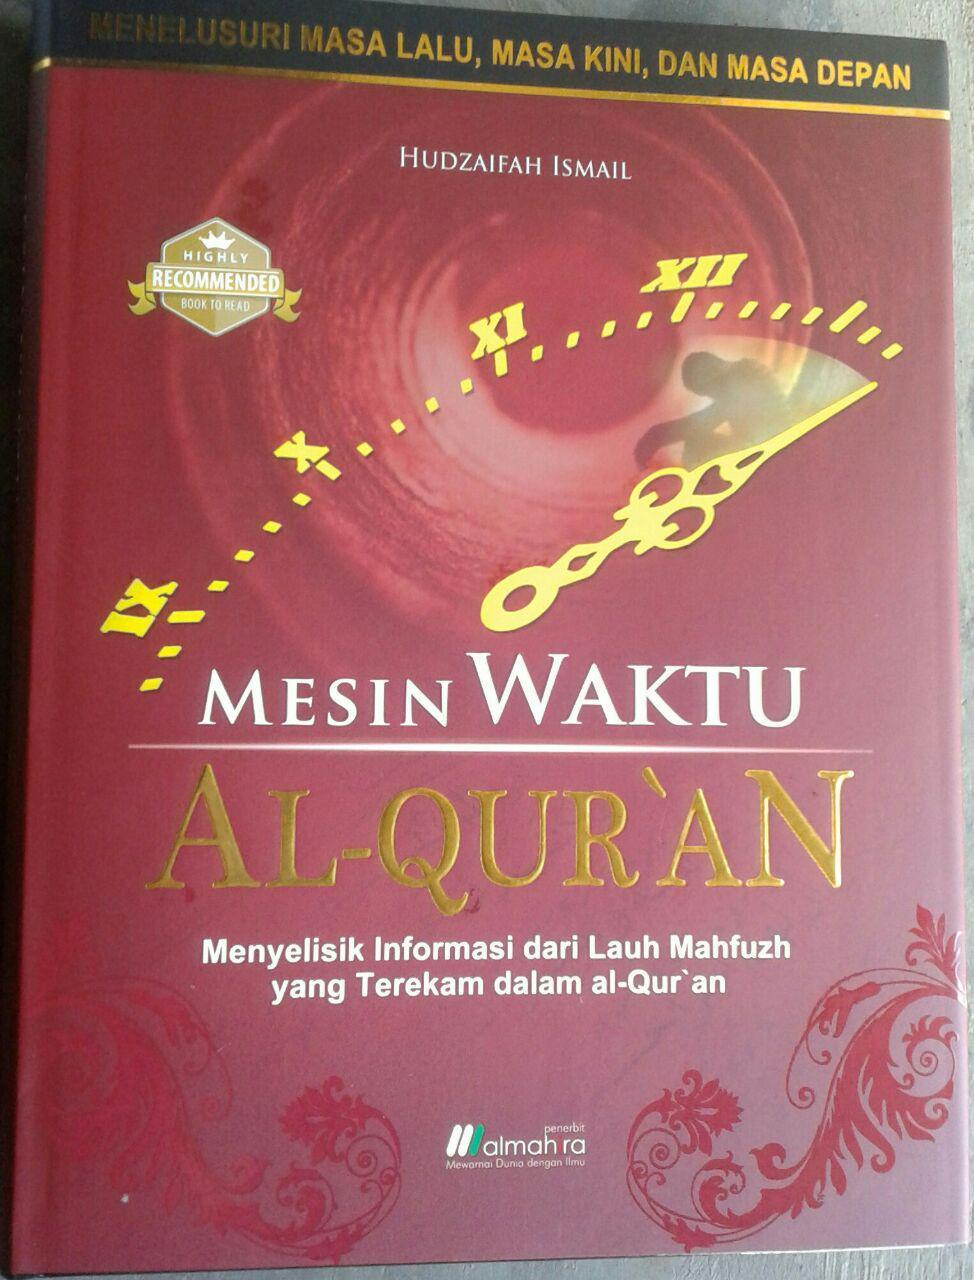 Buku Mesin Waktu Al-Quran Menelusuri Masa:Lalu, Kini,& Depan cover 2